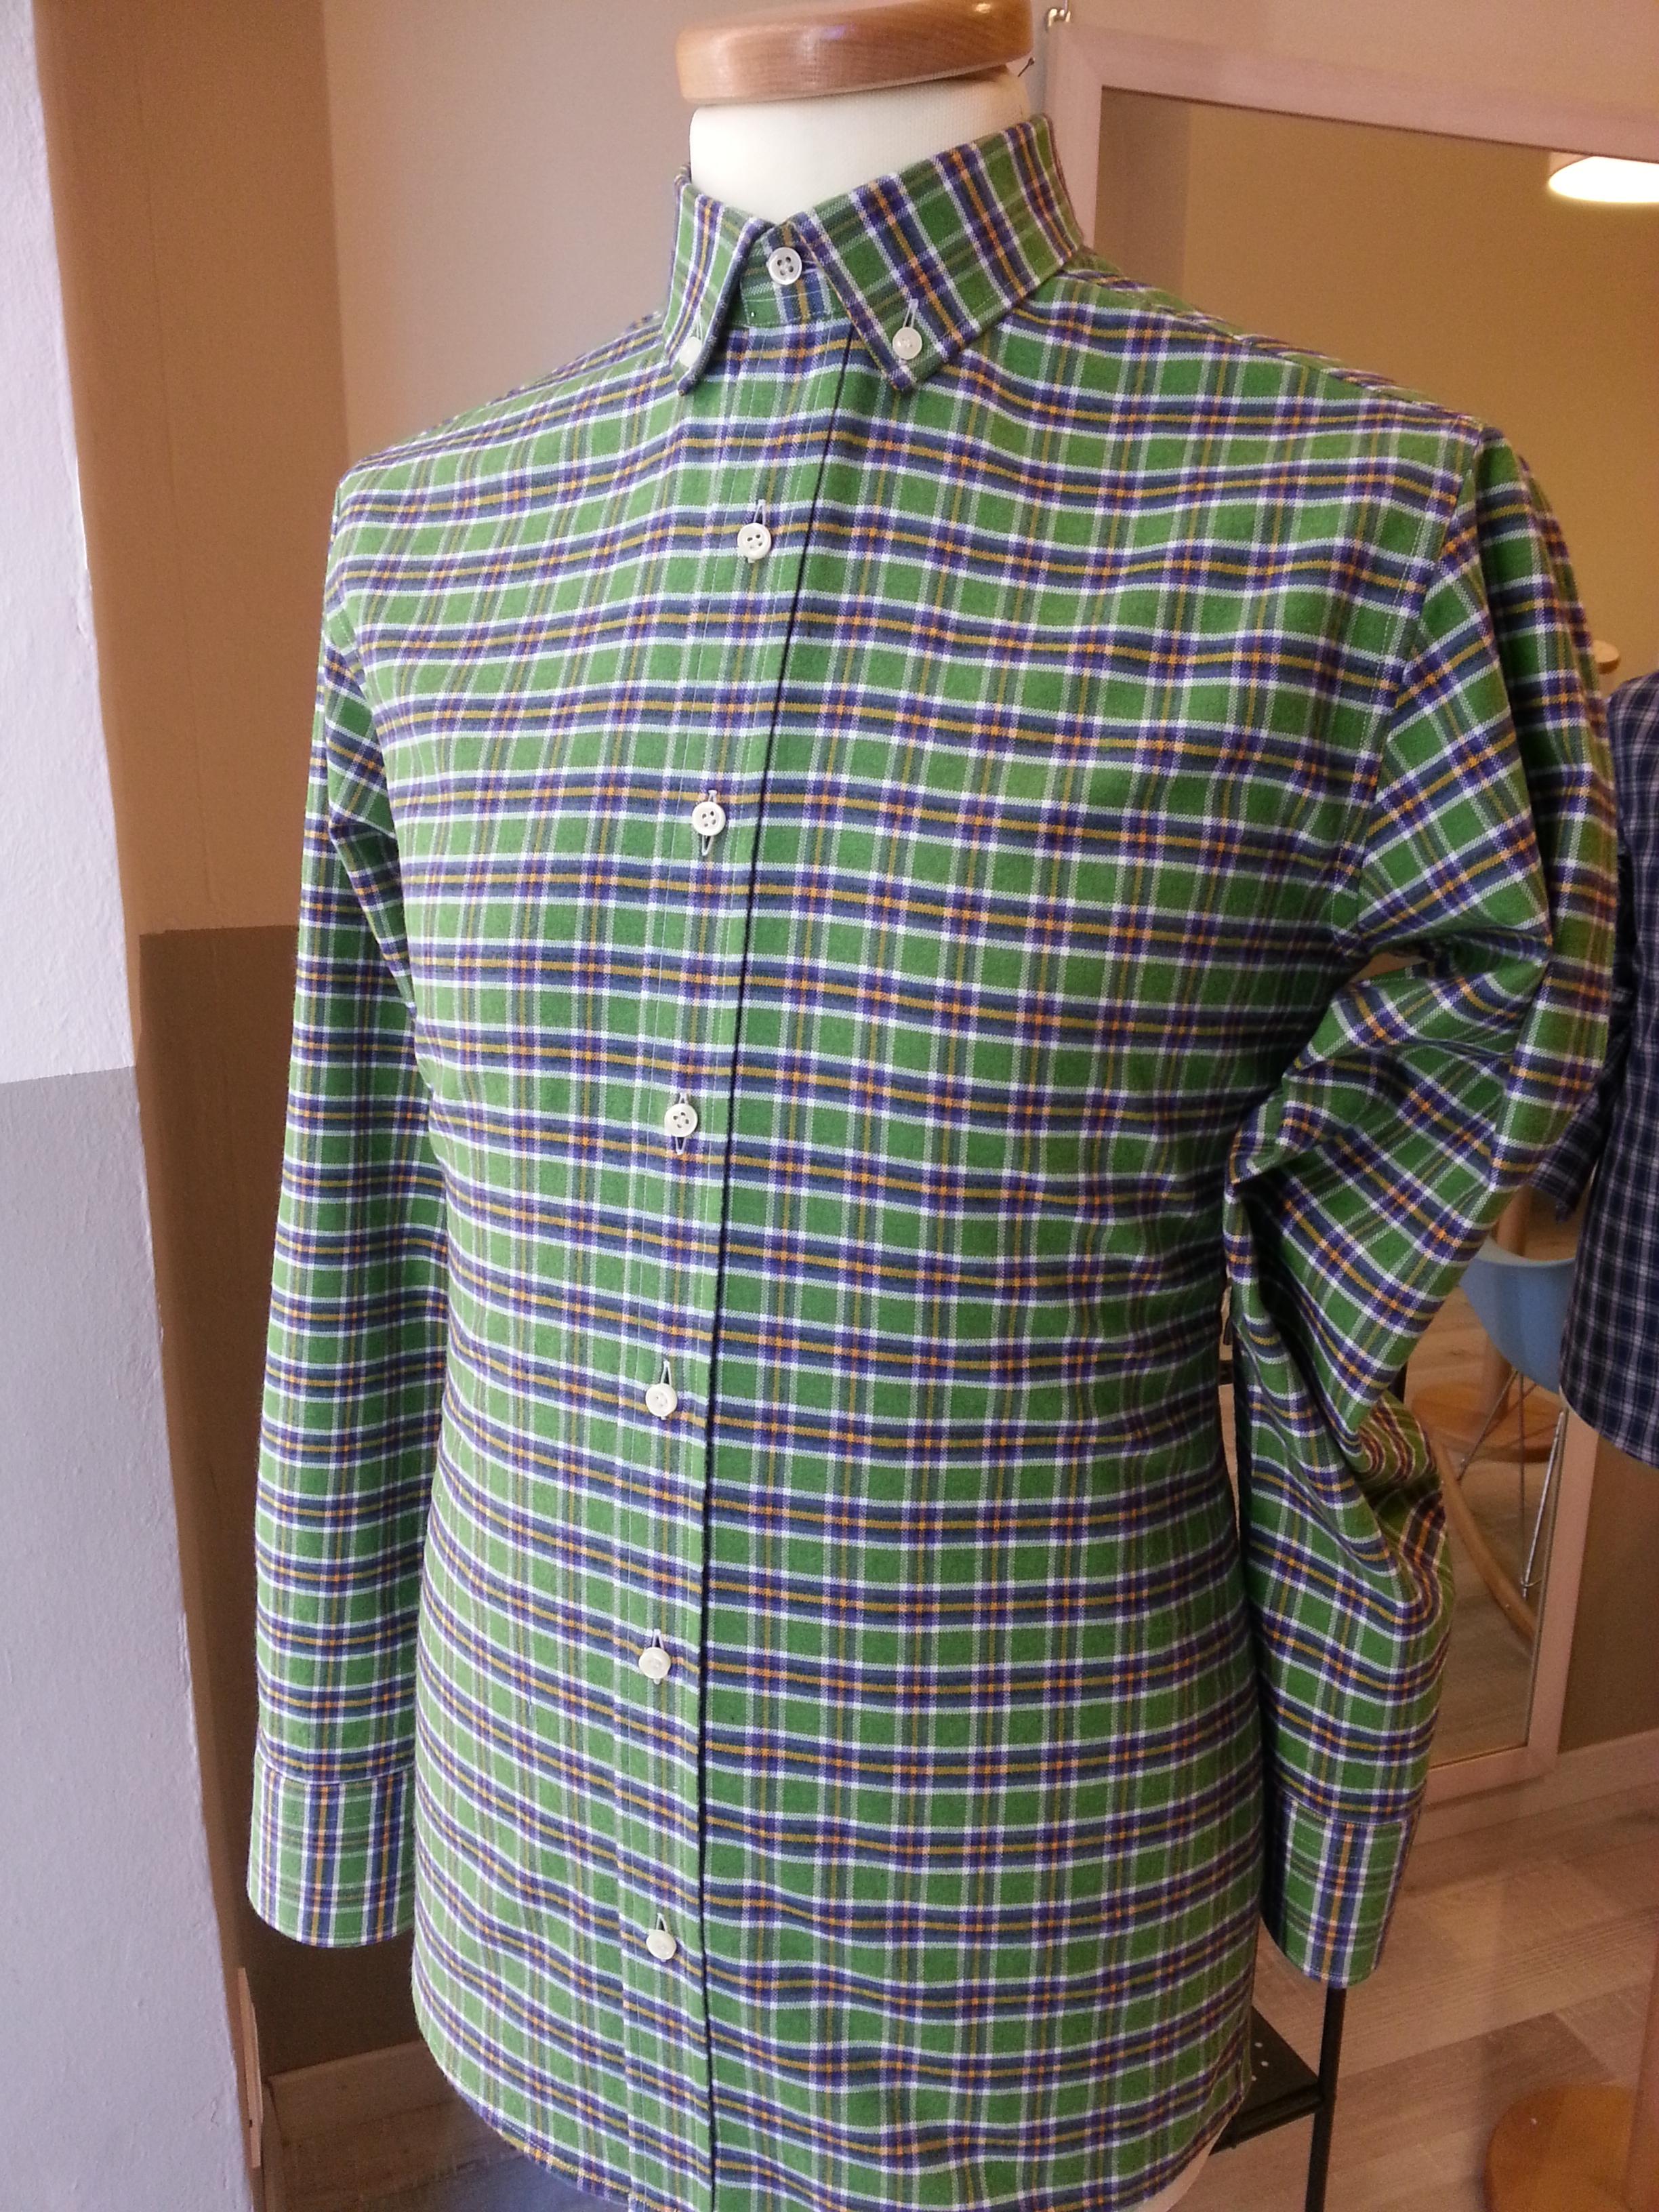 online store 8a8e8 22276 Nato per la camicia - Camicie su misura Torino - Zona Corso ...